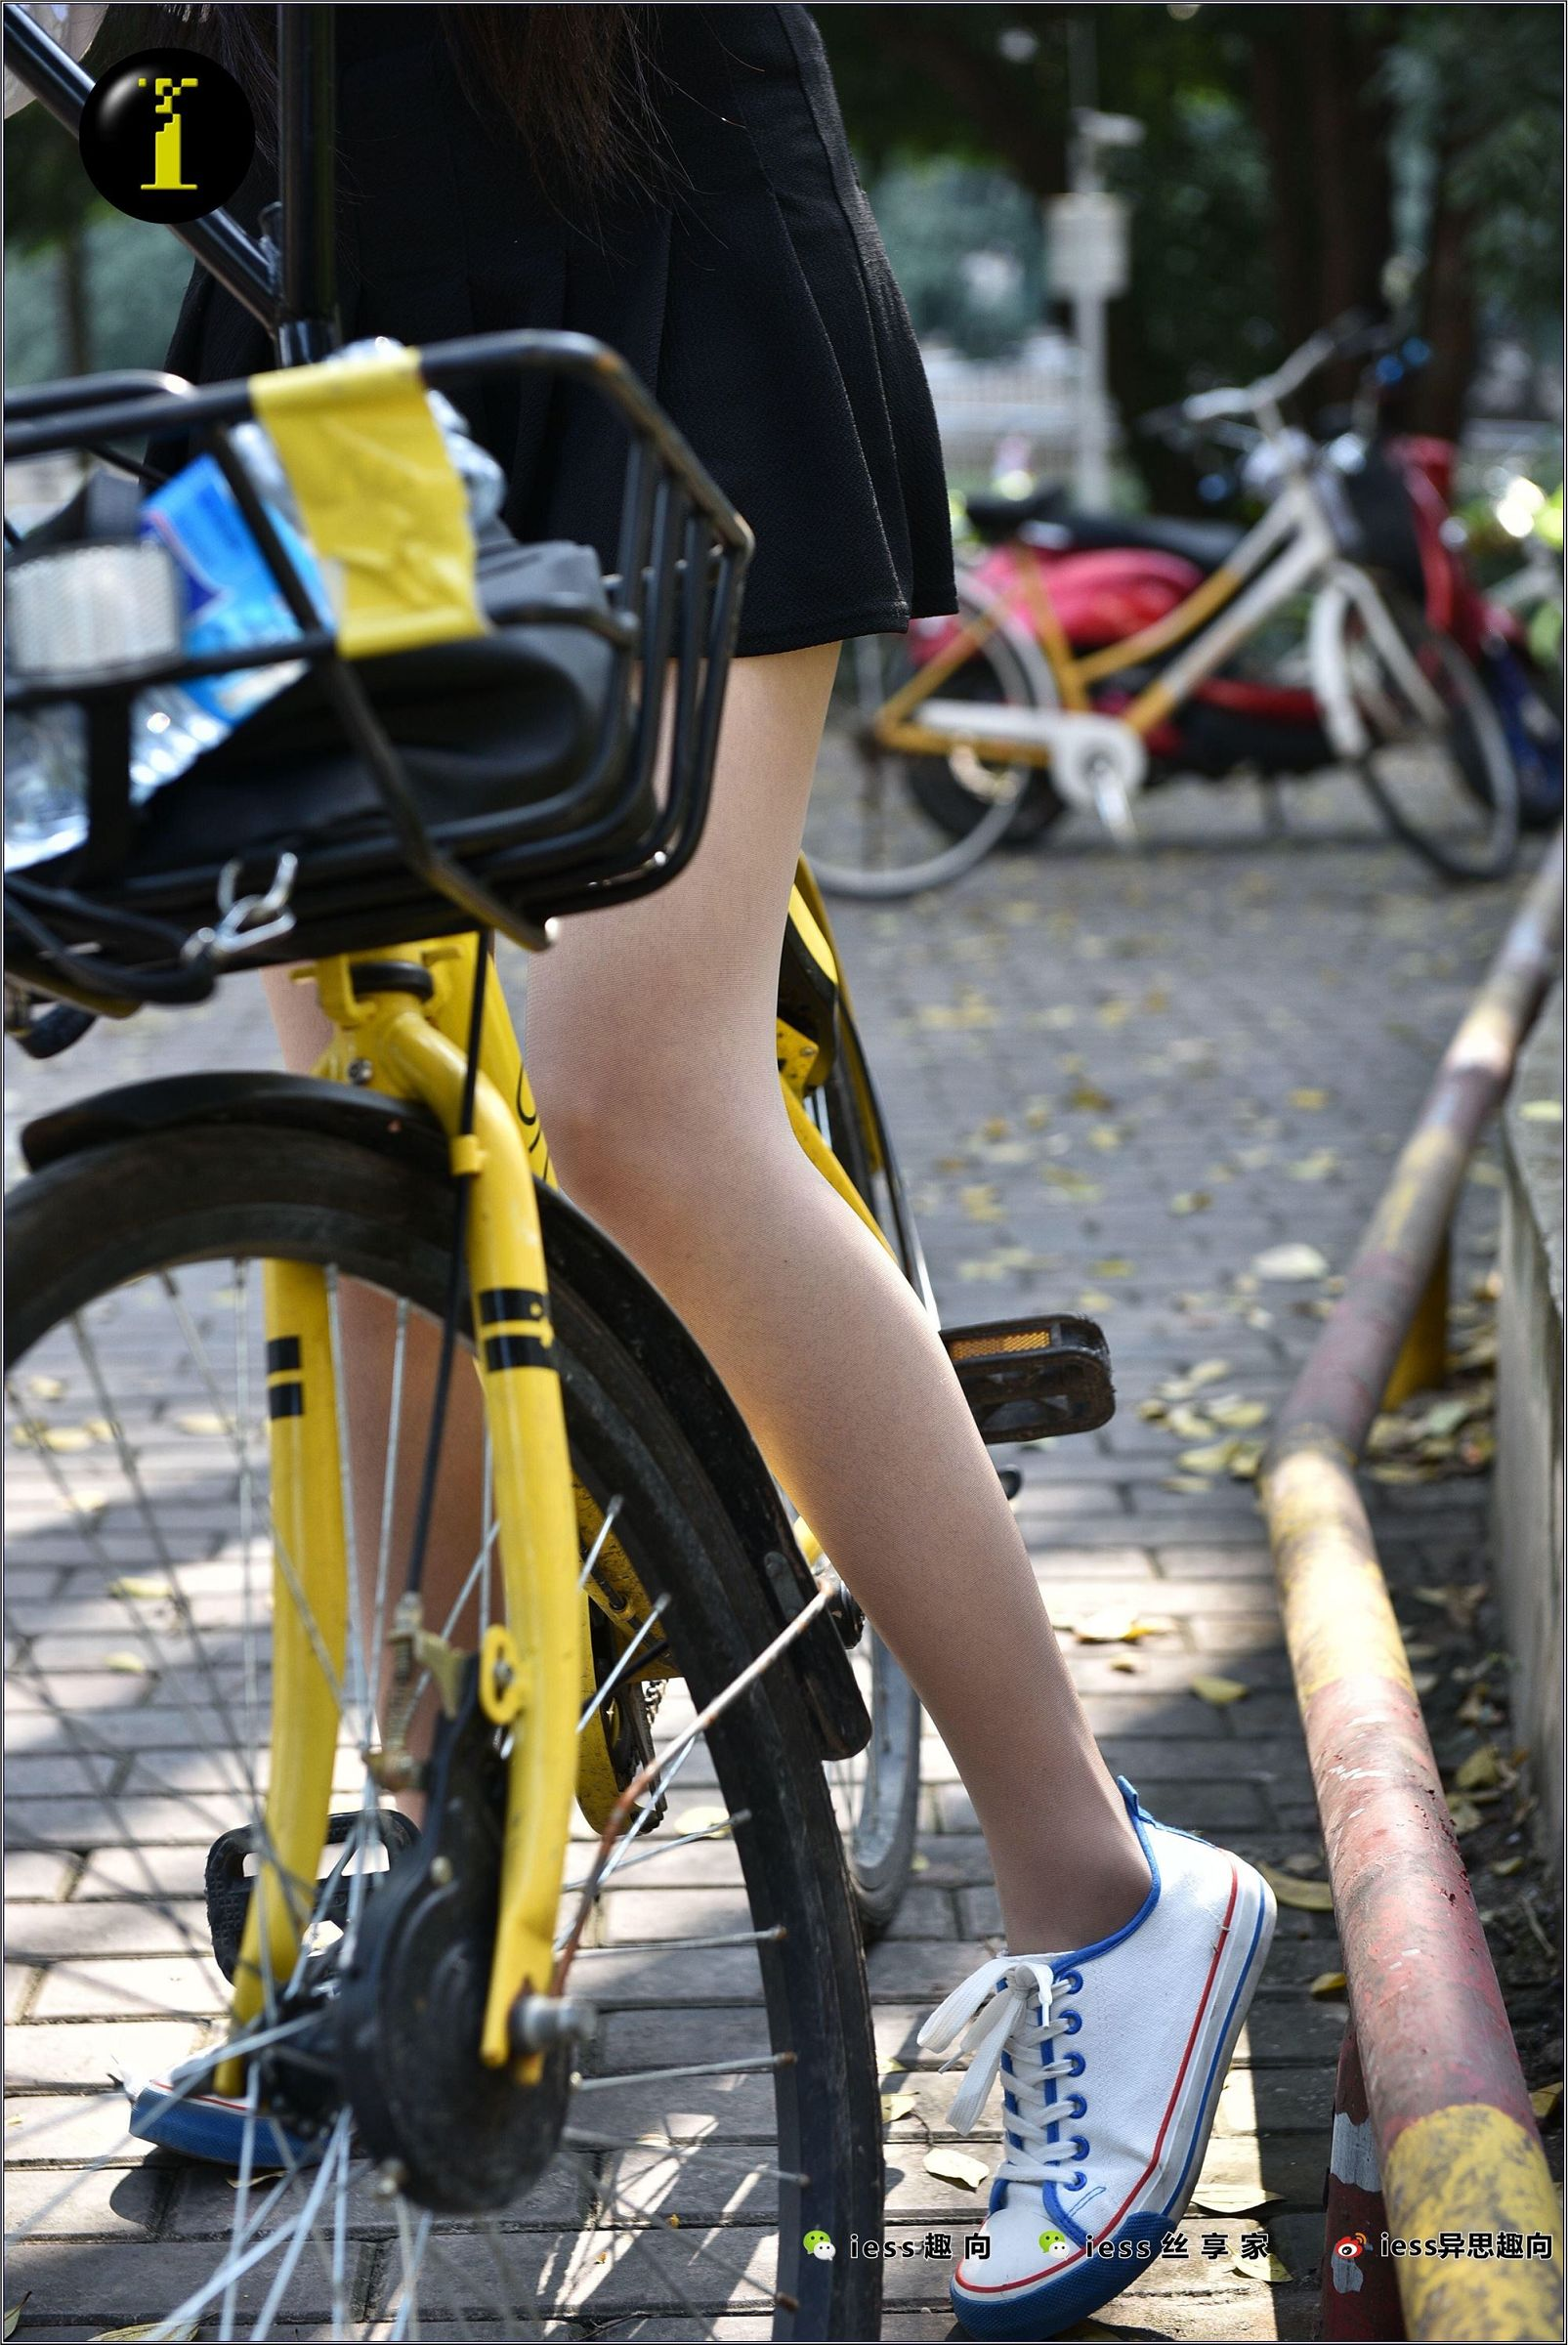 [IESS异思趣向] 普惠集 033 琪琪 16岁的单车少女[137P] 异思趣向 第2张